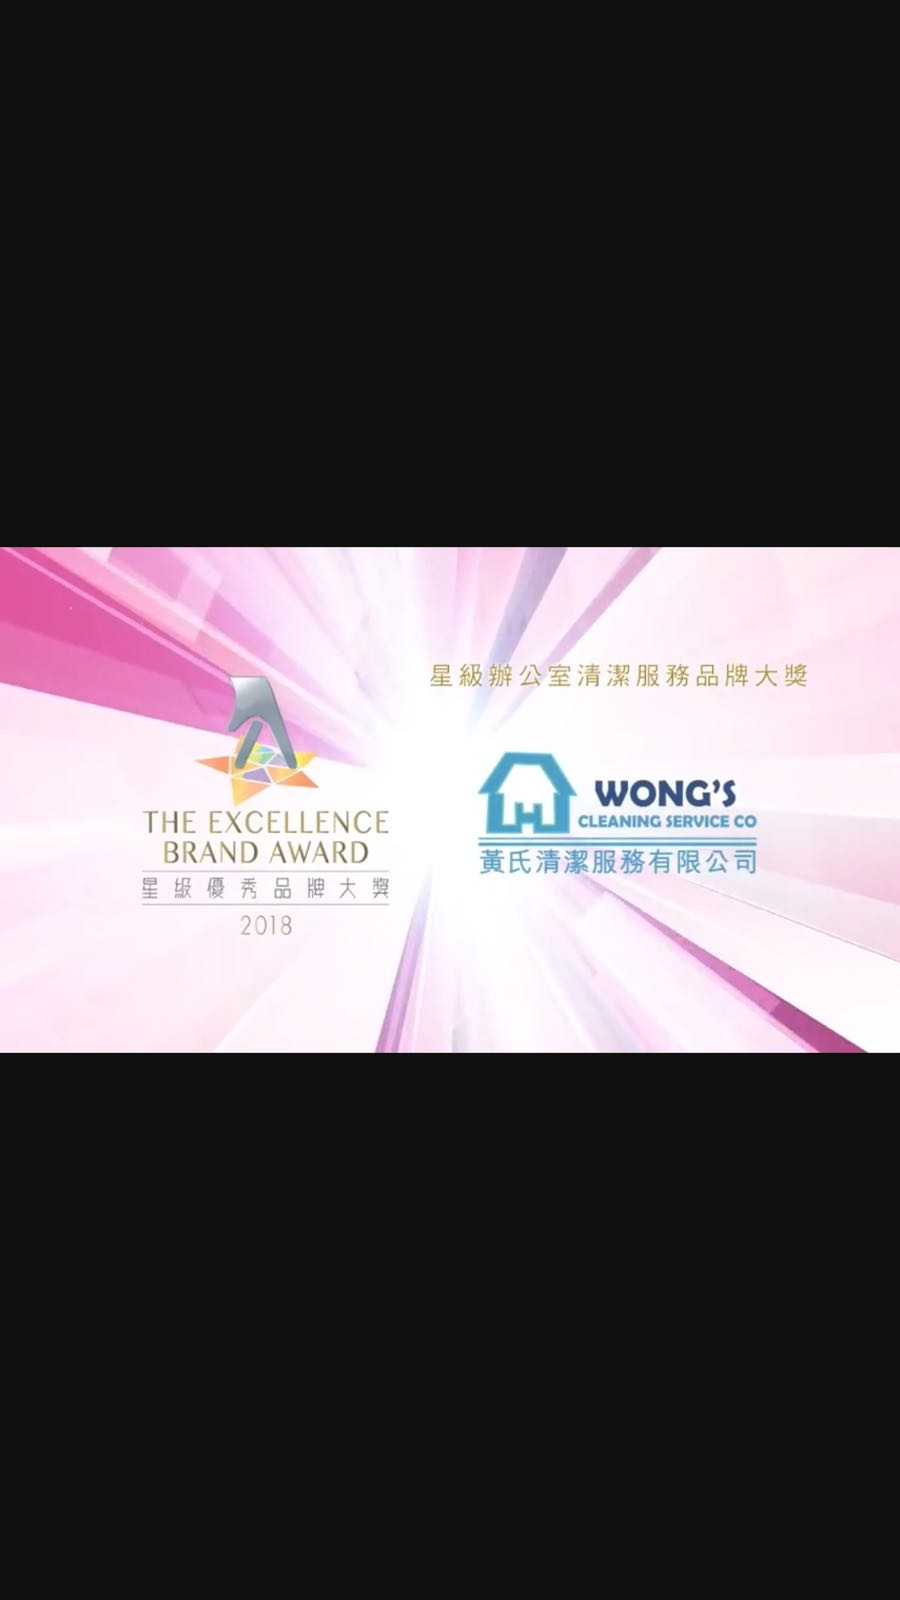 香港消毒服務